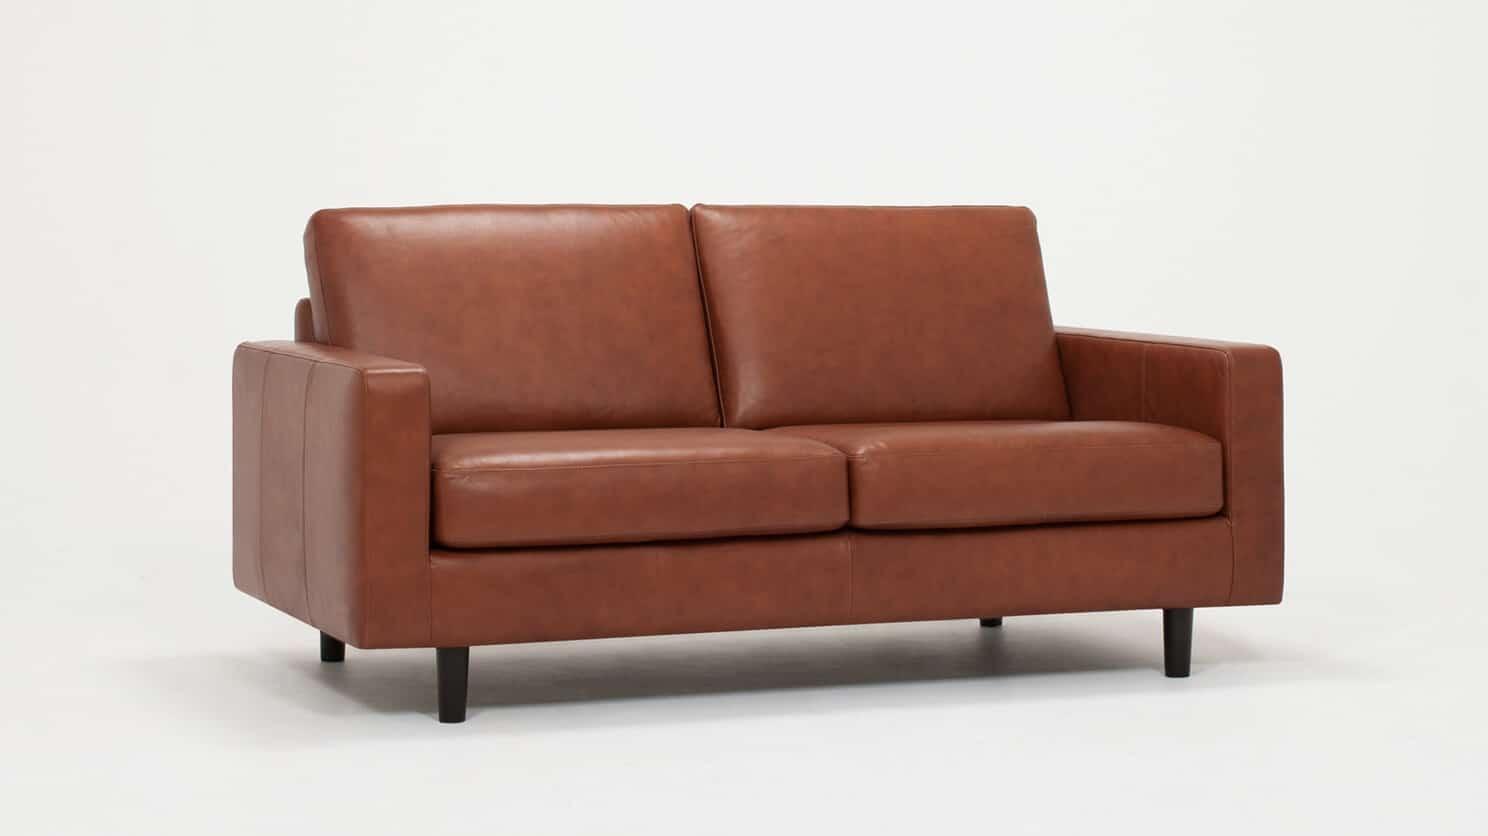 37116 03 02 loveseat oskar leather corner view